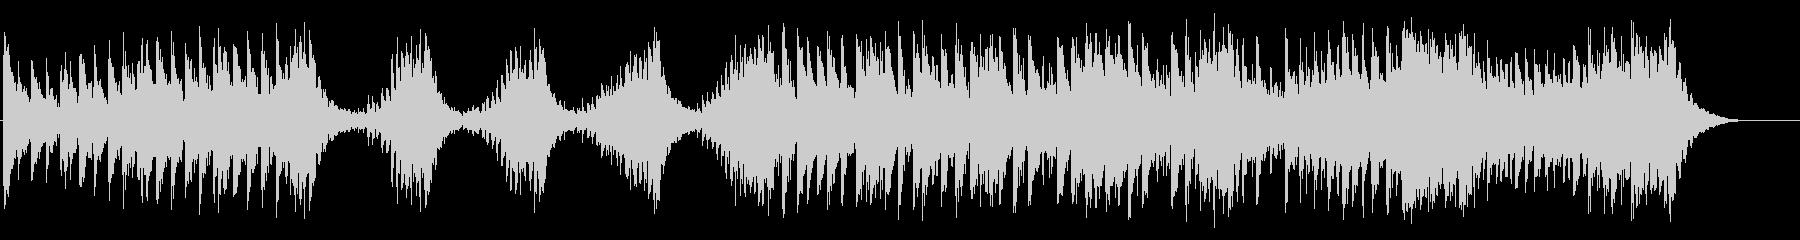 力強い大太鼓のみの和太鼓曲の未再生の波形